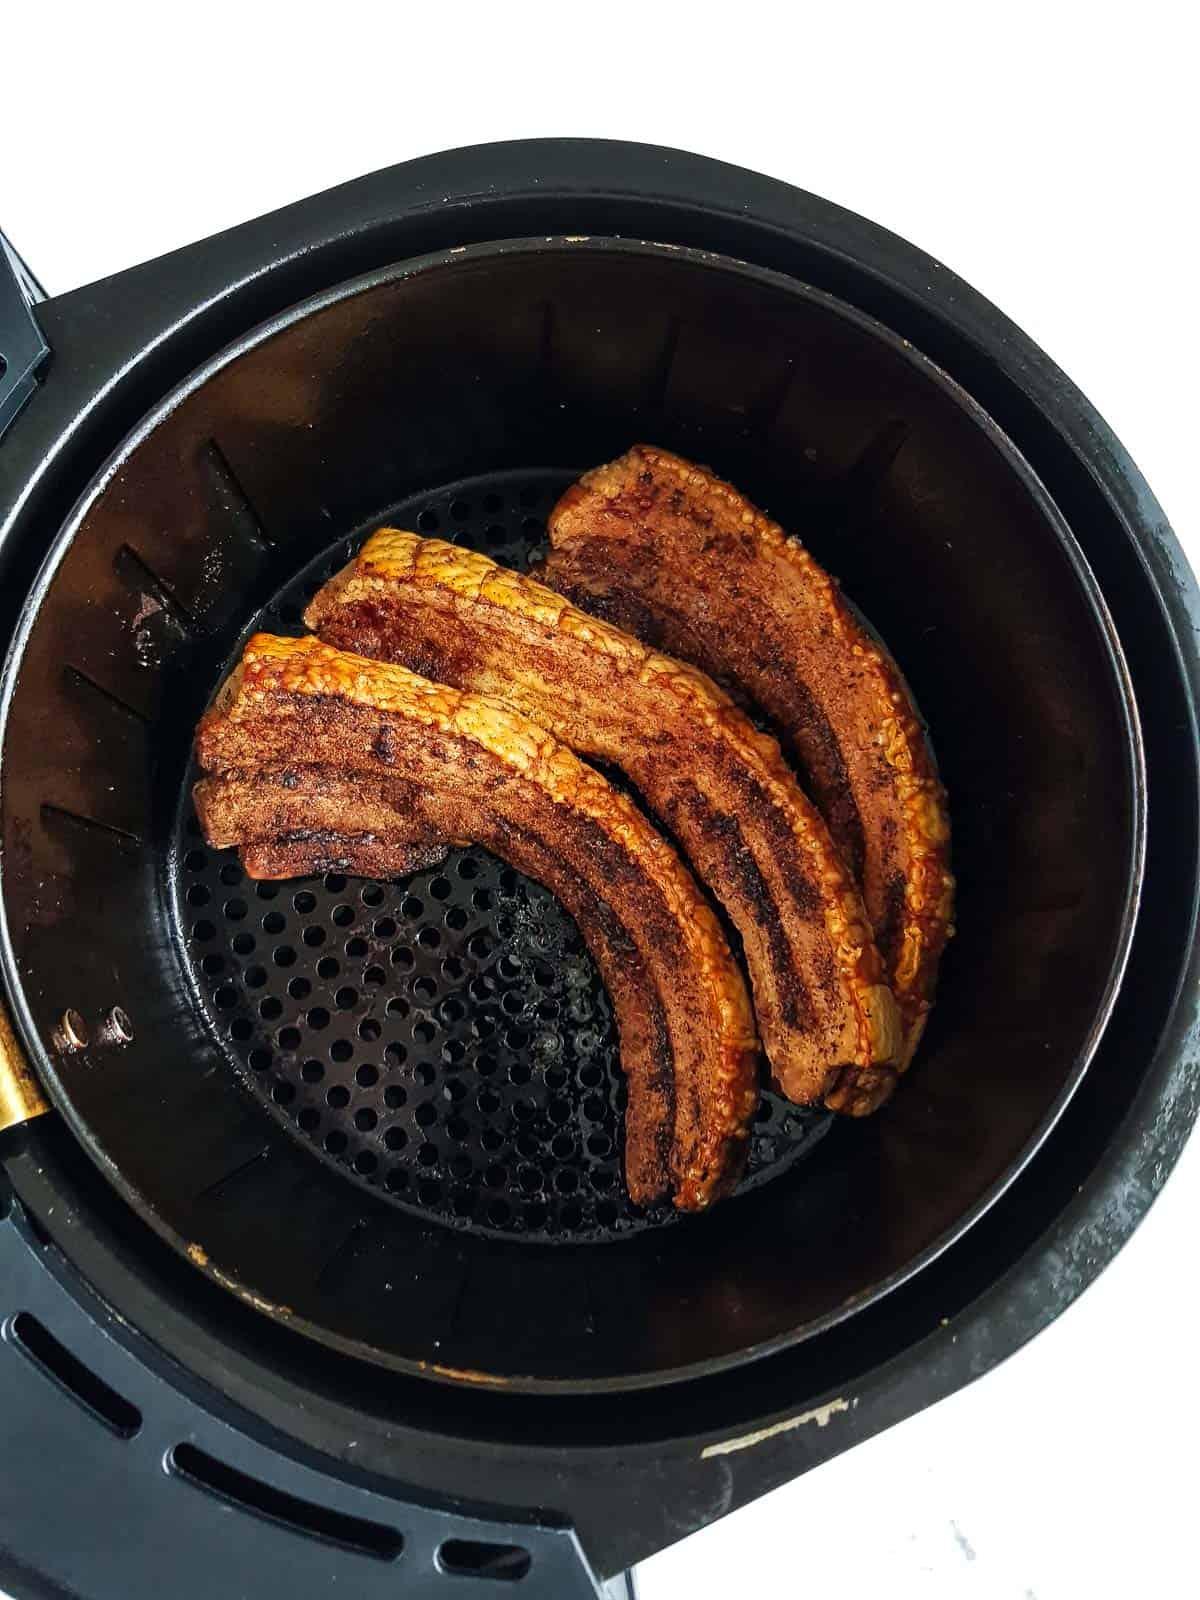 Pork belly slices in an air fryer basket.